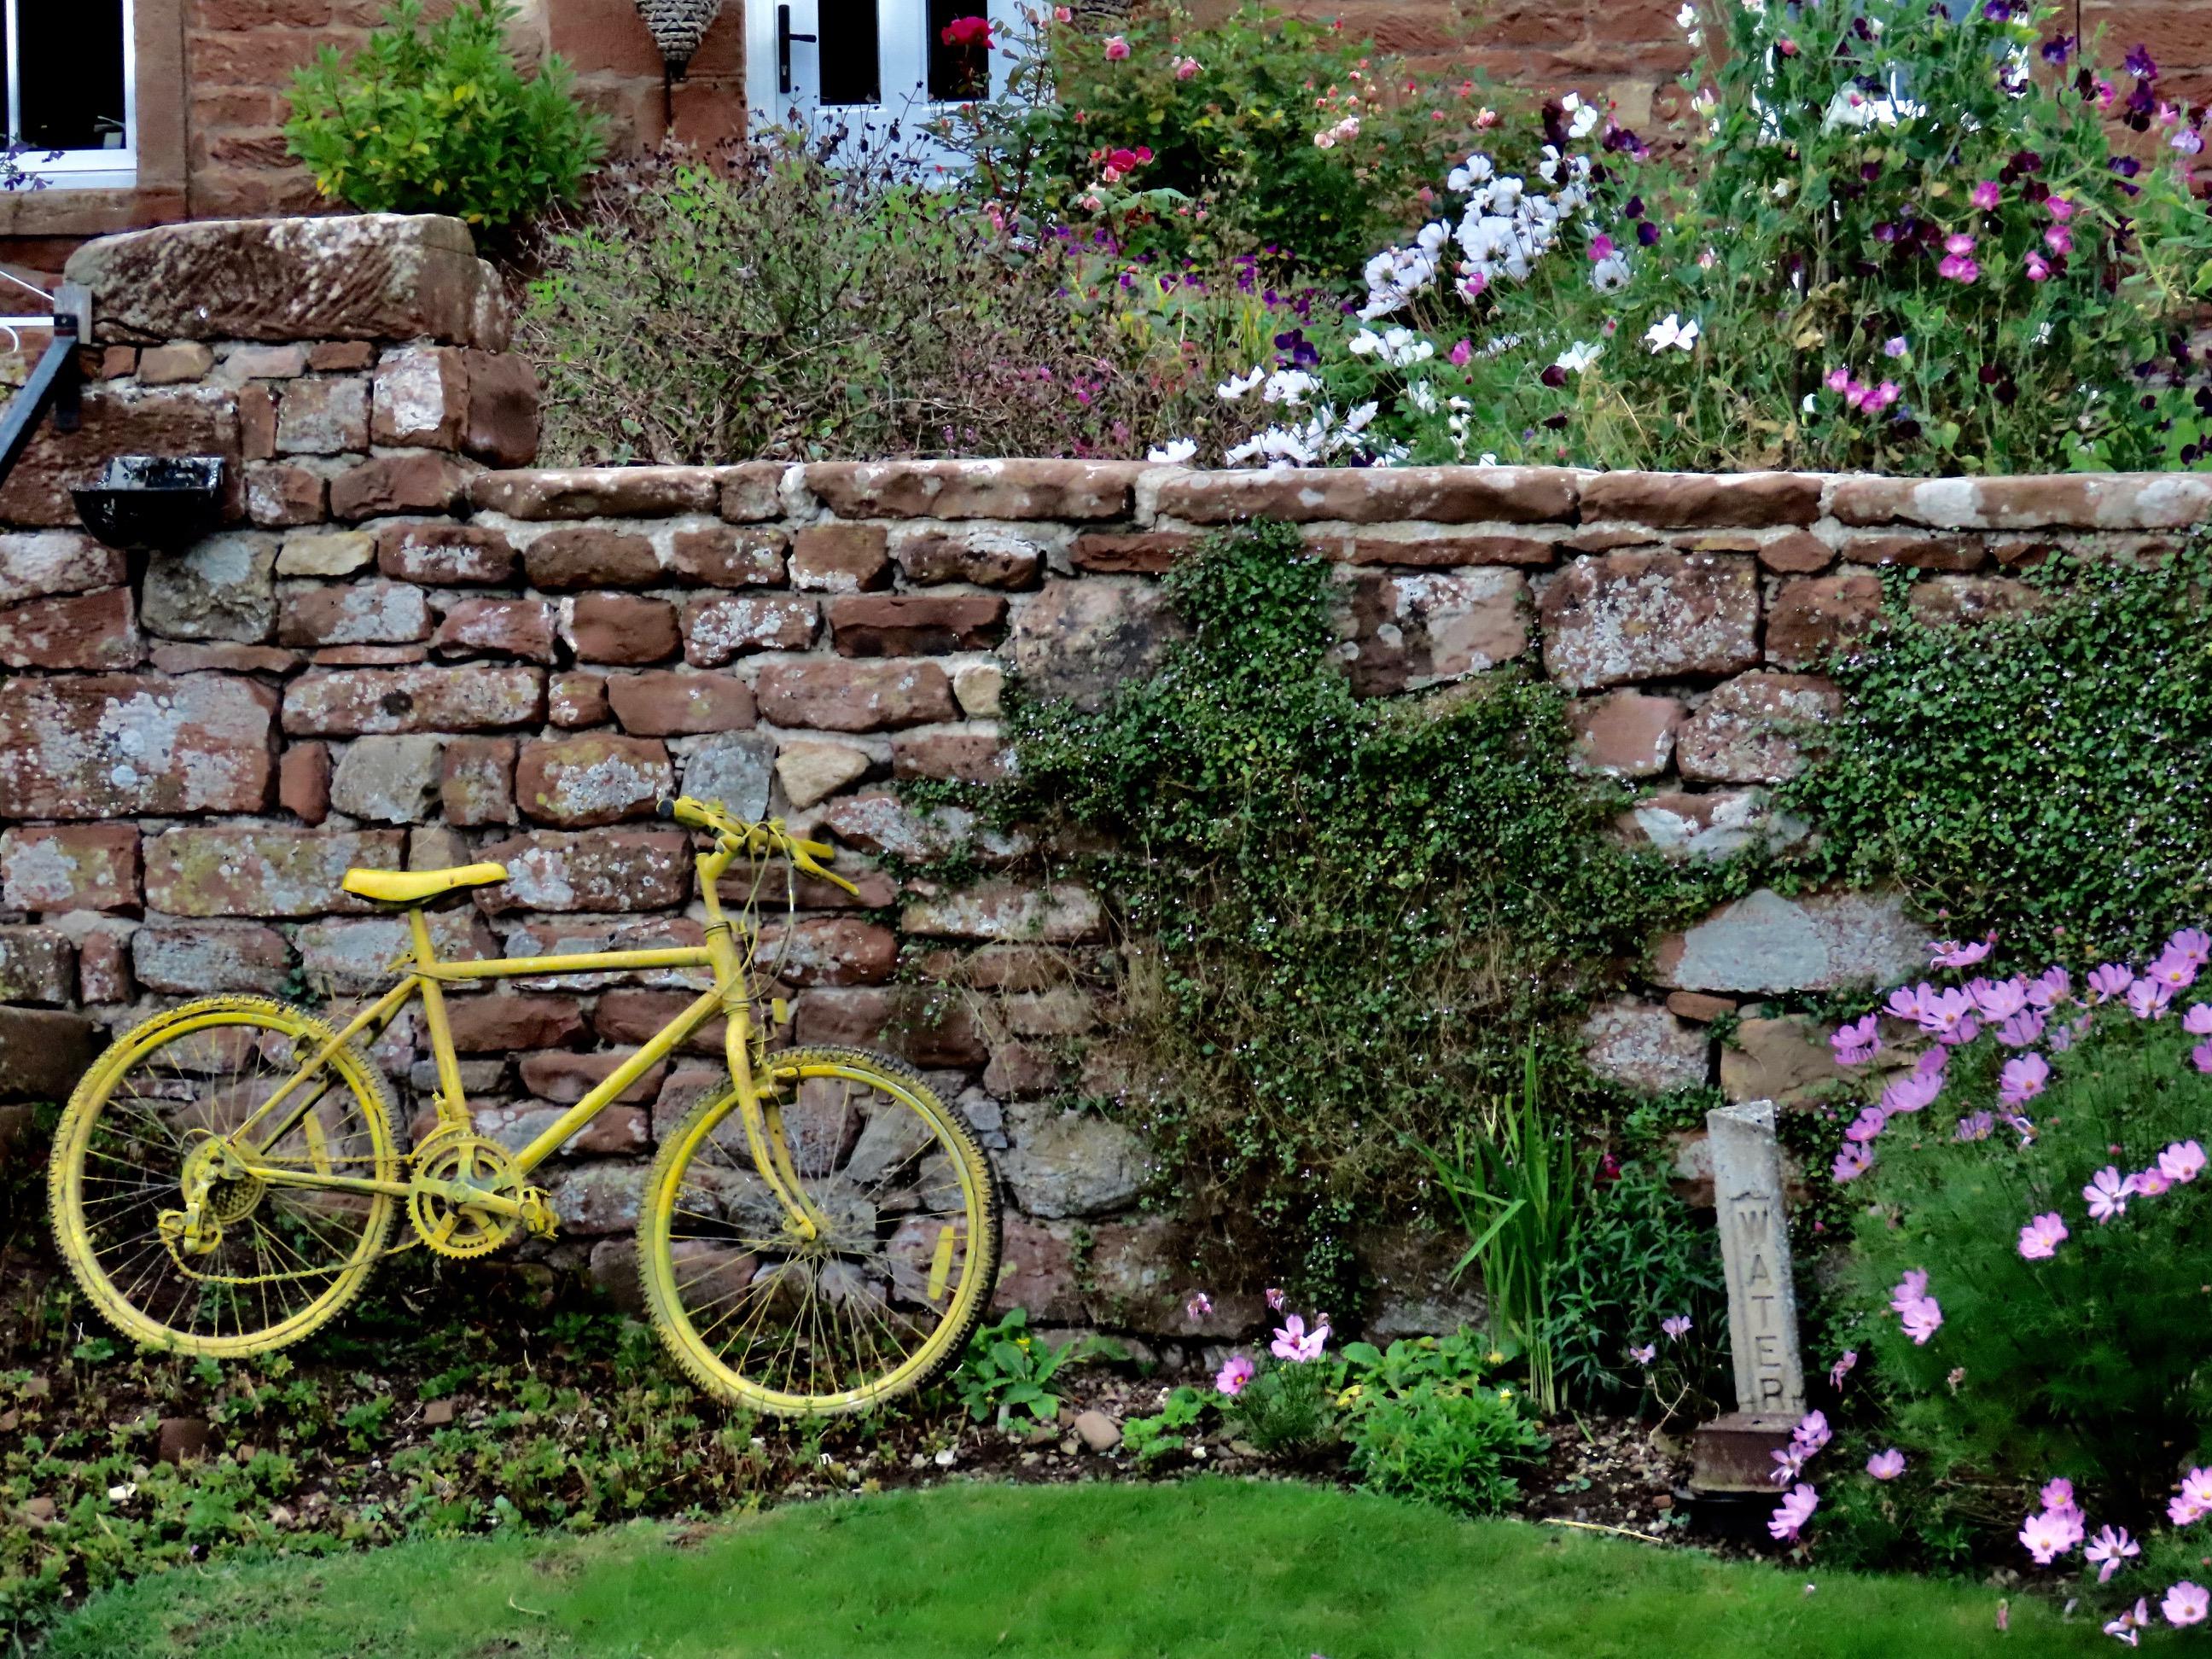 Bicycles3.jpg